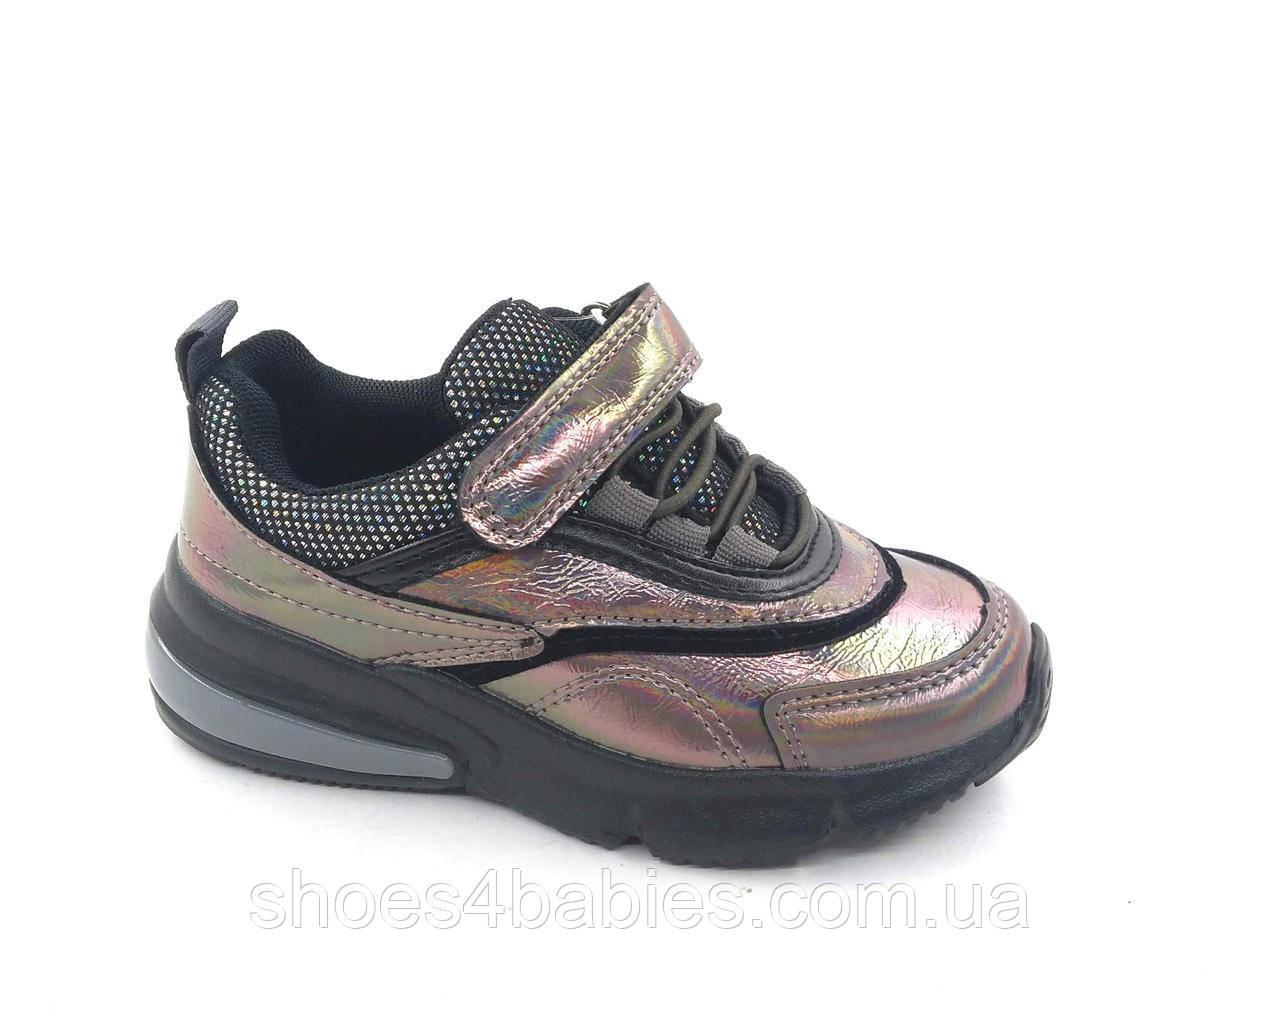 Кросівки дівчинці р. 29 - 18,6 см модель 5574